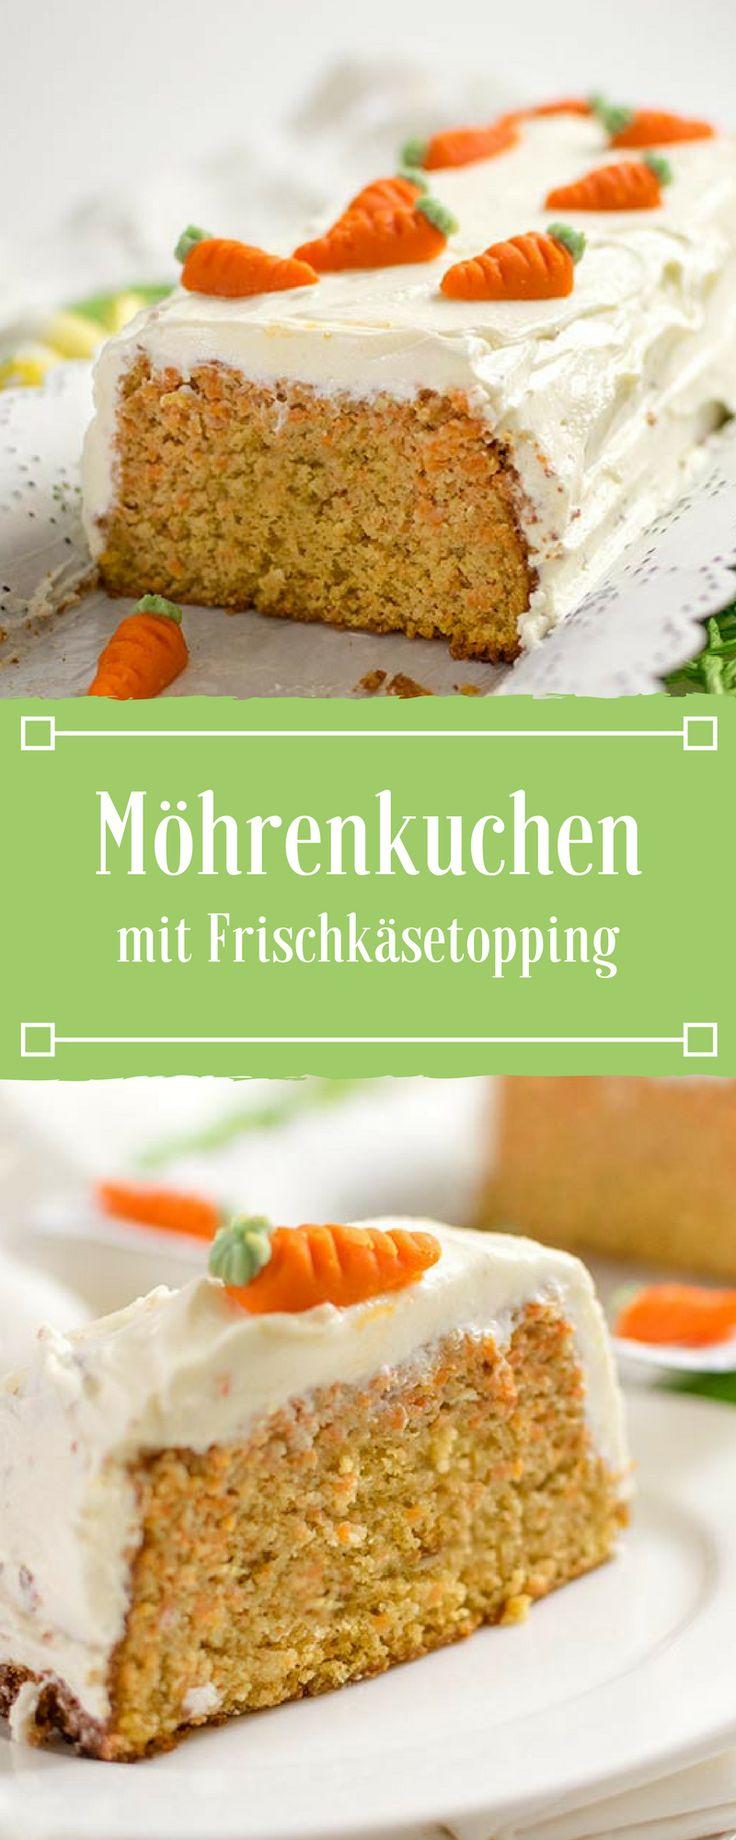 Lecker saftiger Möhrenkuchen mit Frischkäsetopping. Der Karottenkuchen wird in einer Kastenform gebacken.